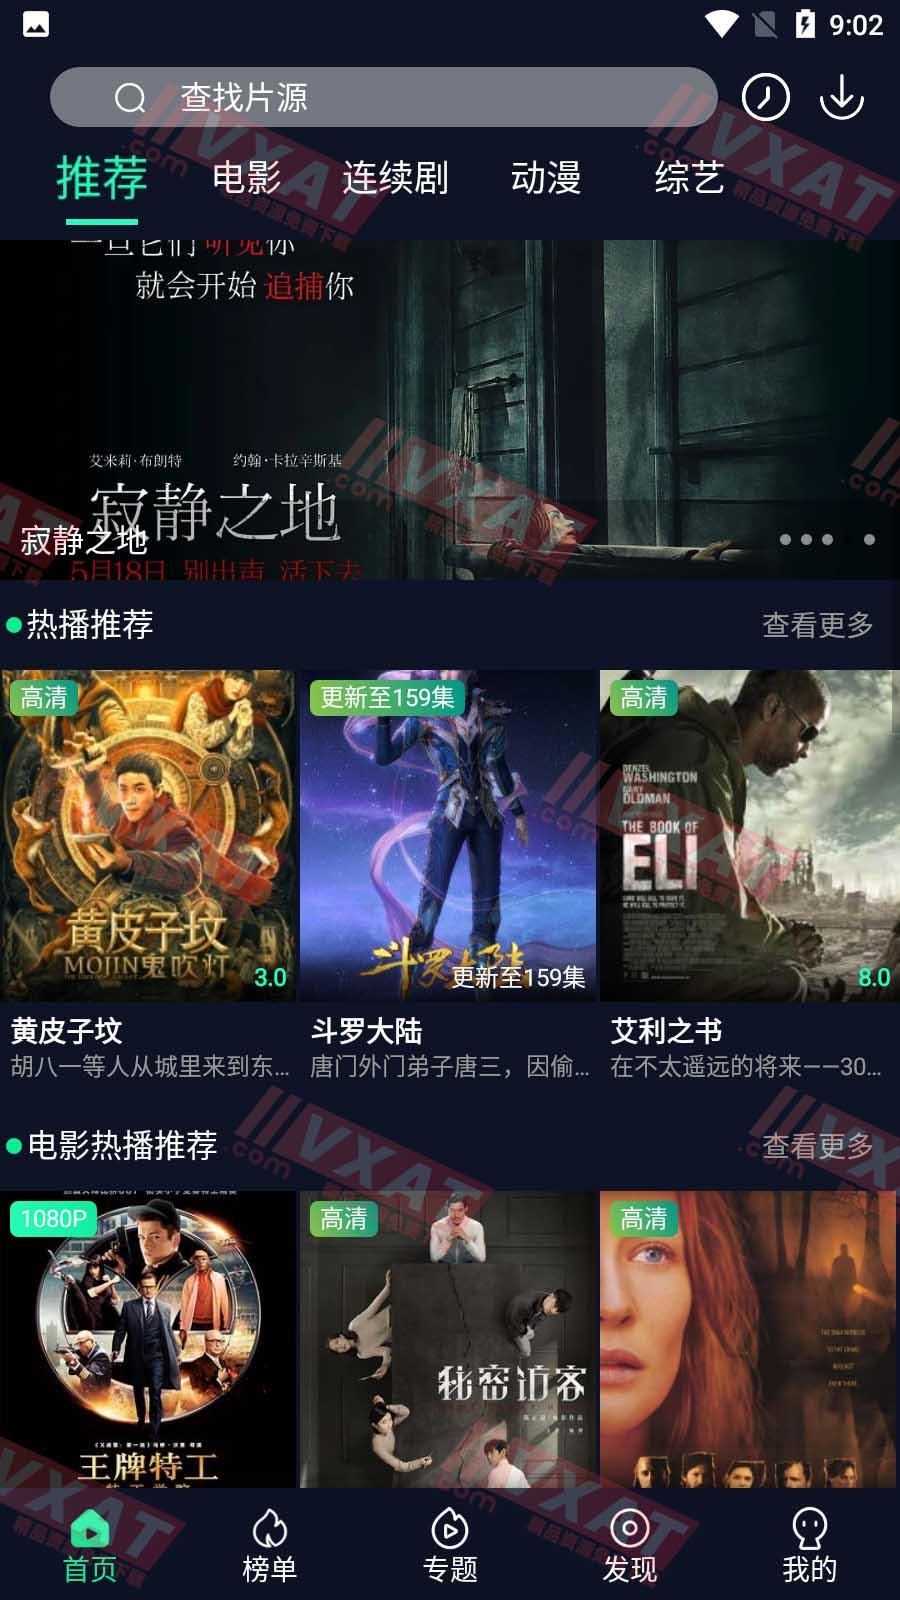 喵乐影视 v4.0.8 解锁VIP版 第1张